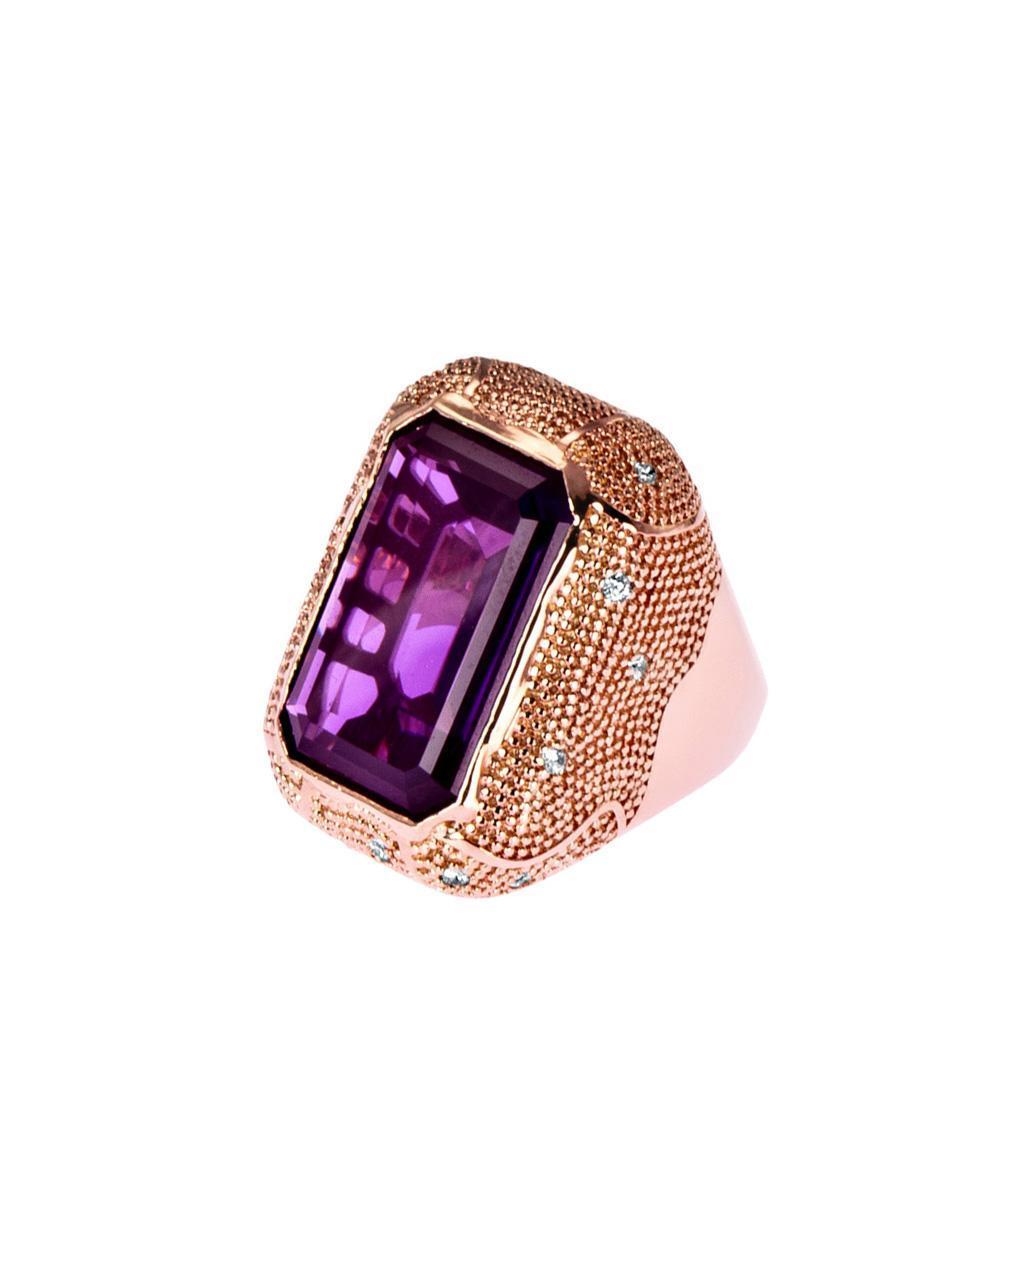 Δαχτυλίδι από ατσάλι Rebecca Manhattan RE00001   brands rebecca